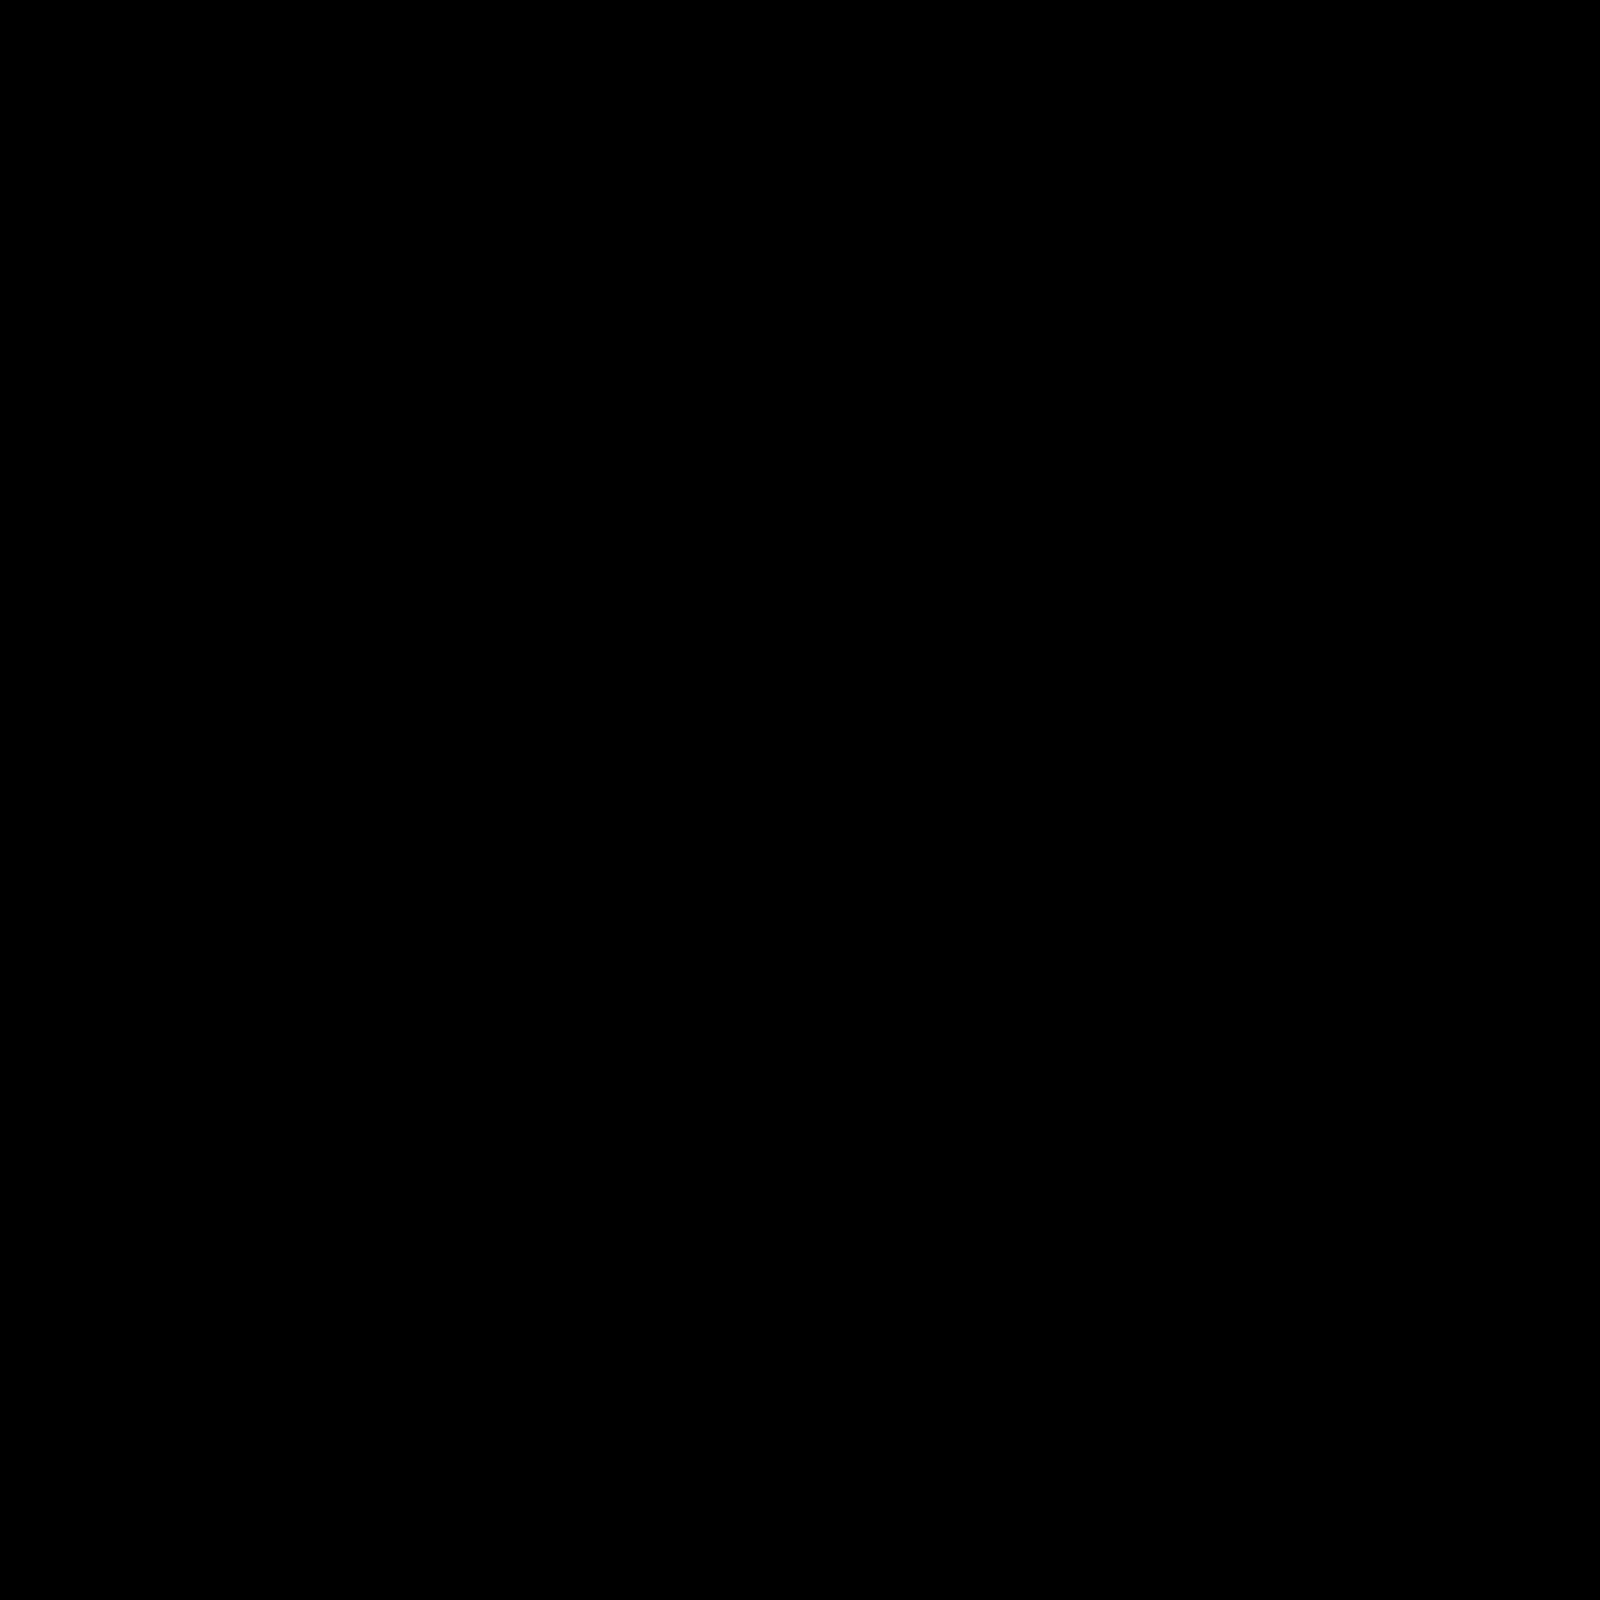 デザイン icon. The icon has two shapes that cross each other. The top shape resembles a thin rectangle with a curved top and a pointed bottom. The bottom image is a rectangle shape that has 10 lines inside the top part of it.